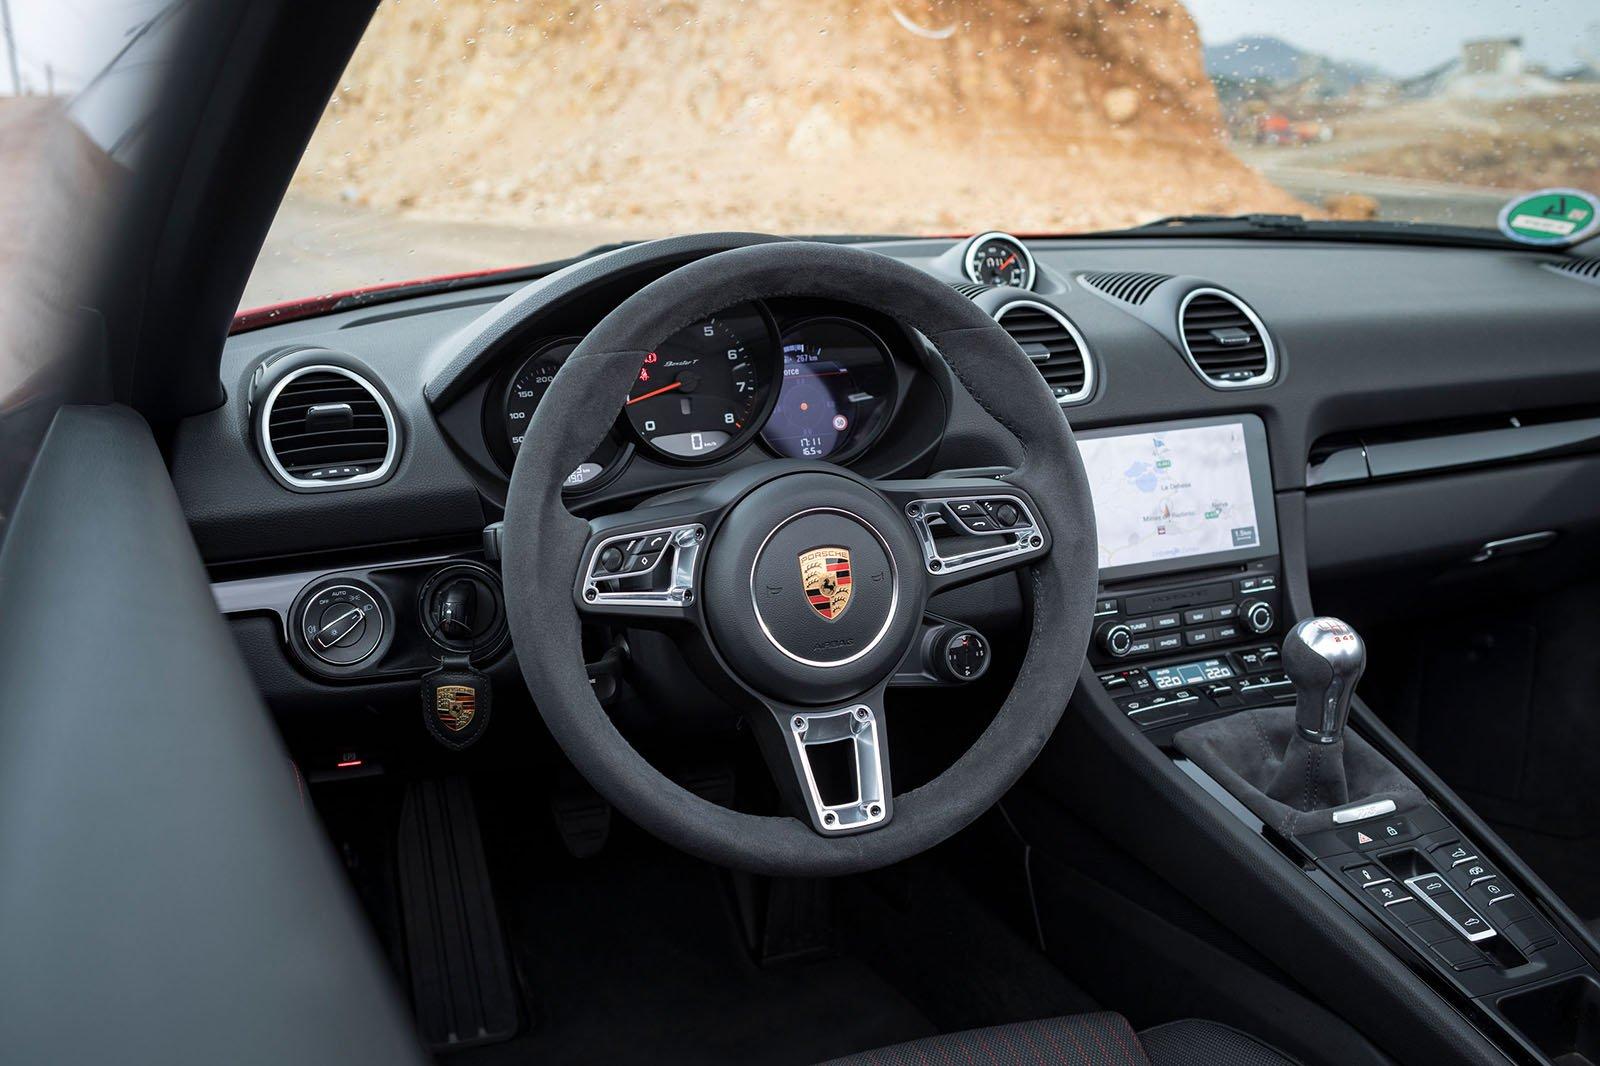 2019 Boxster T interior